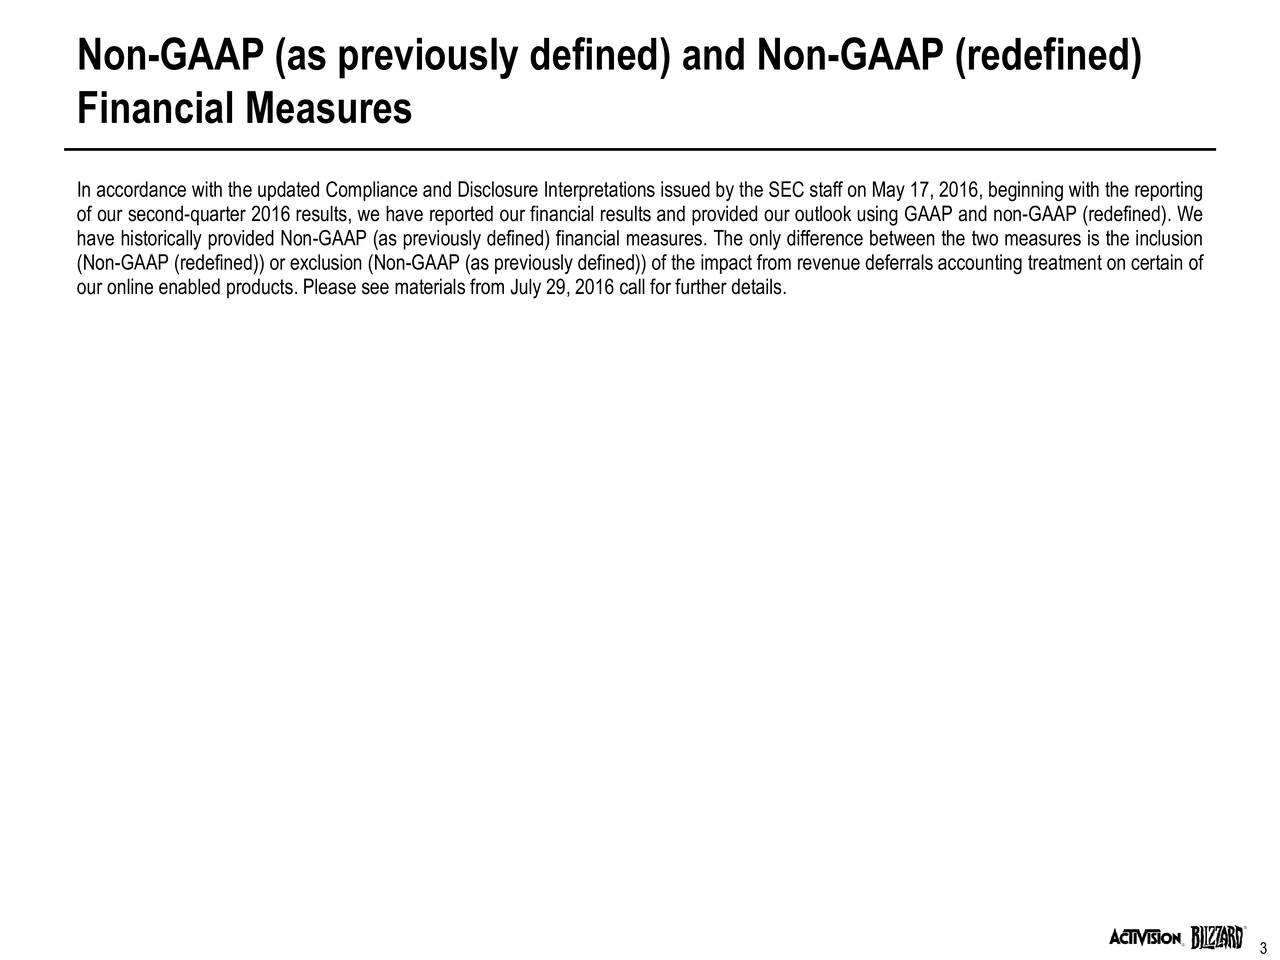 Disclosure Interpretations On Non Gaap Financial Measures ...